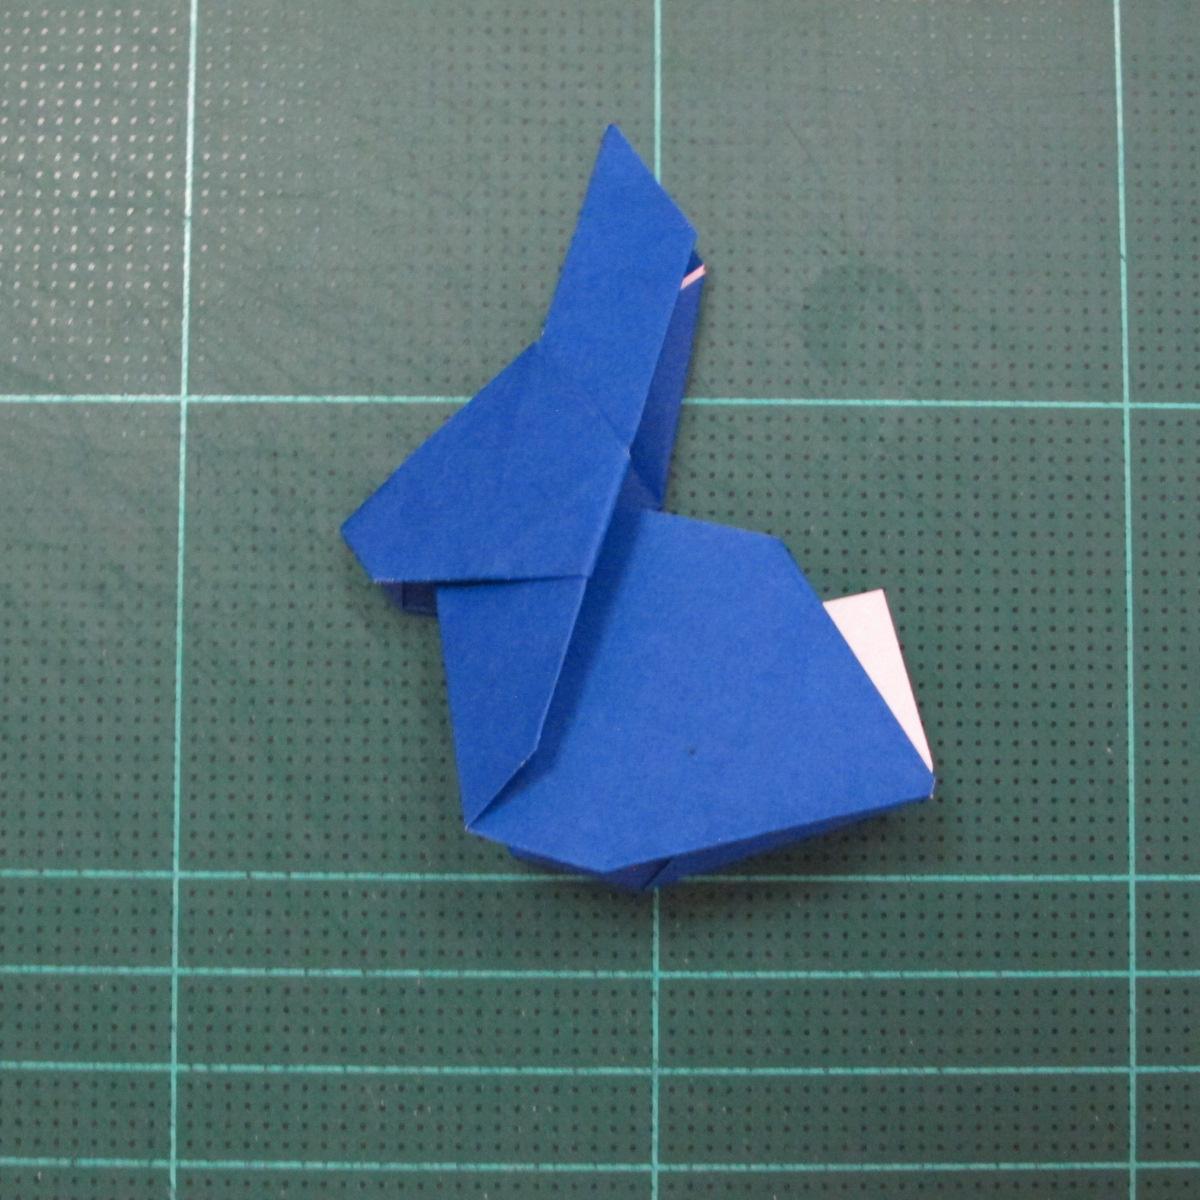 วิธีการพับกระดาษเป็นรูปกระต่าย แบบของเอ็ดวิน คอรี่ (Origami Rabbit)  026